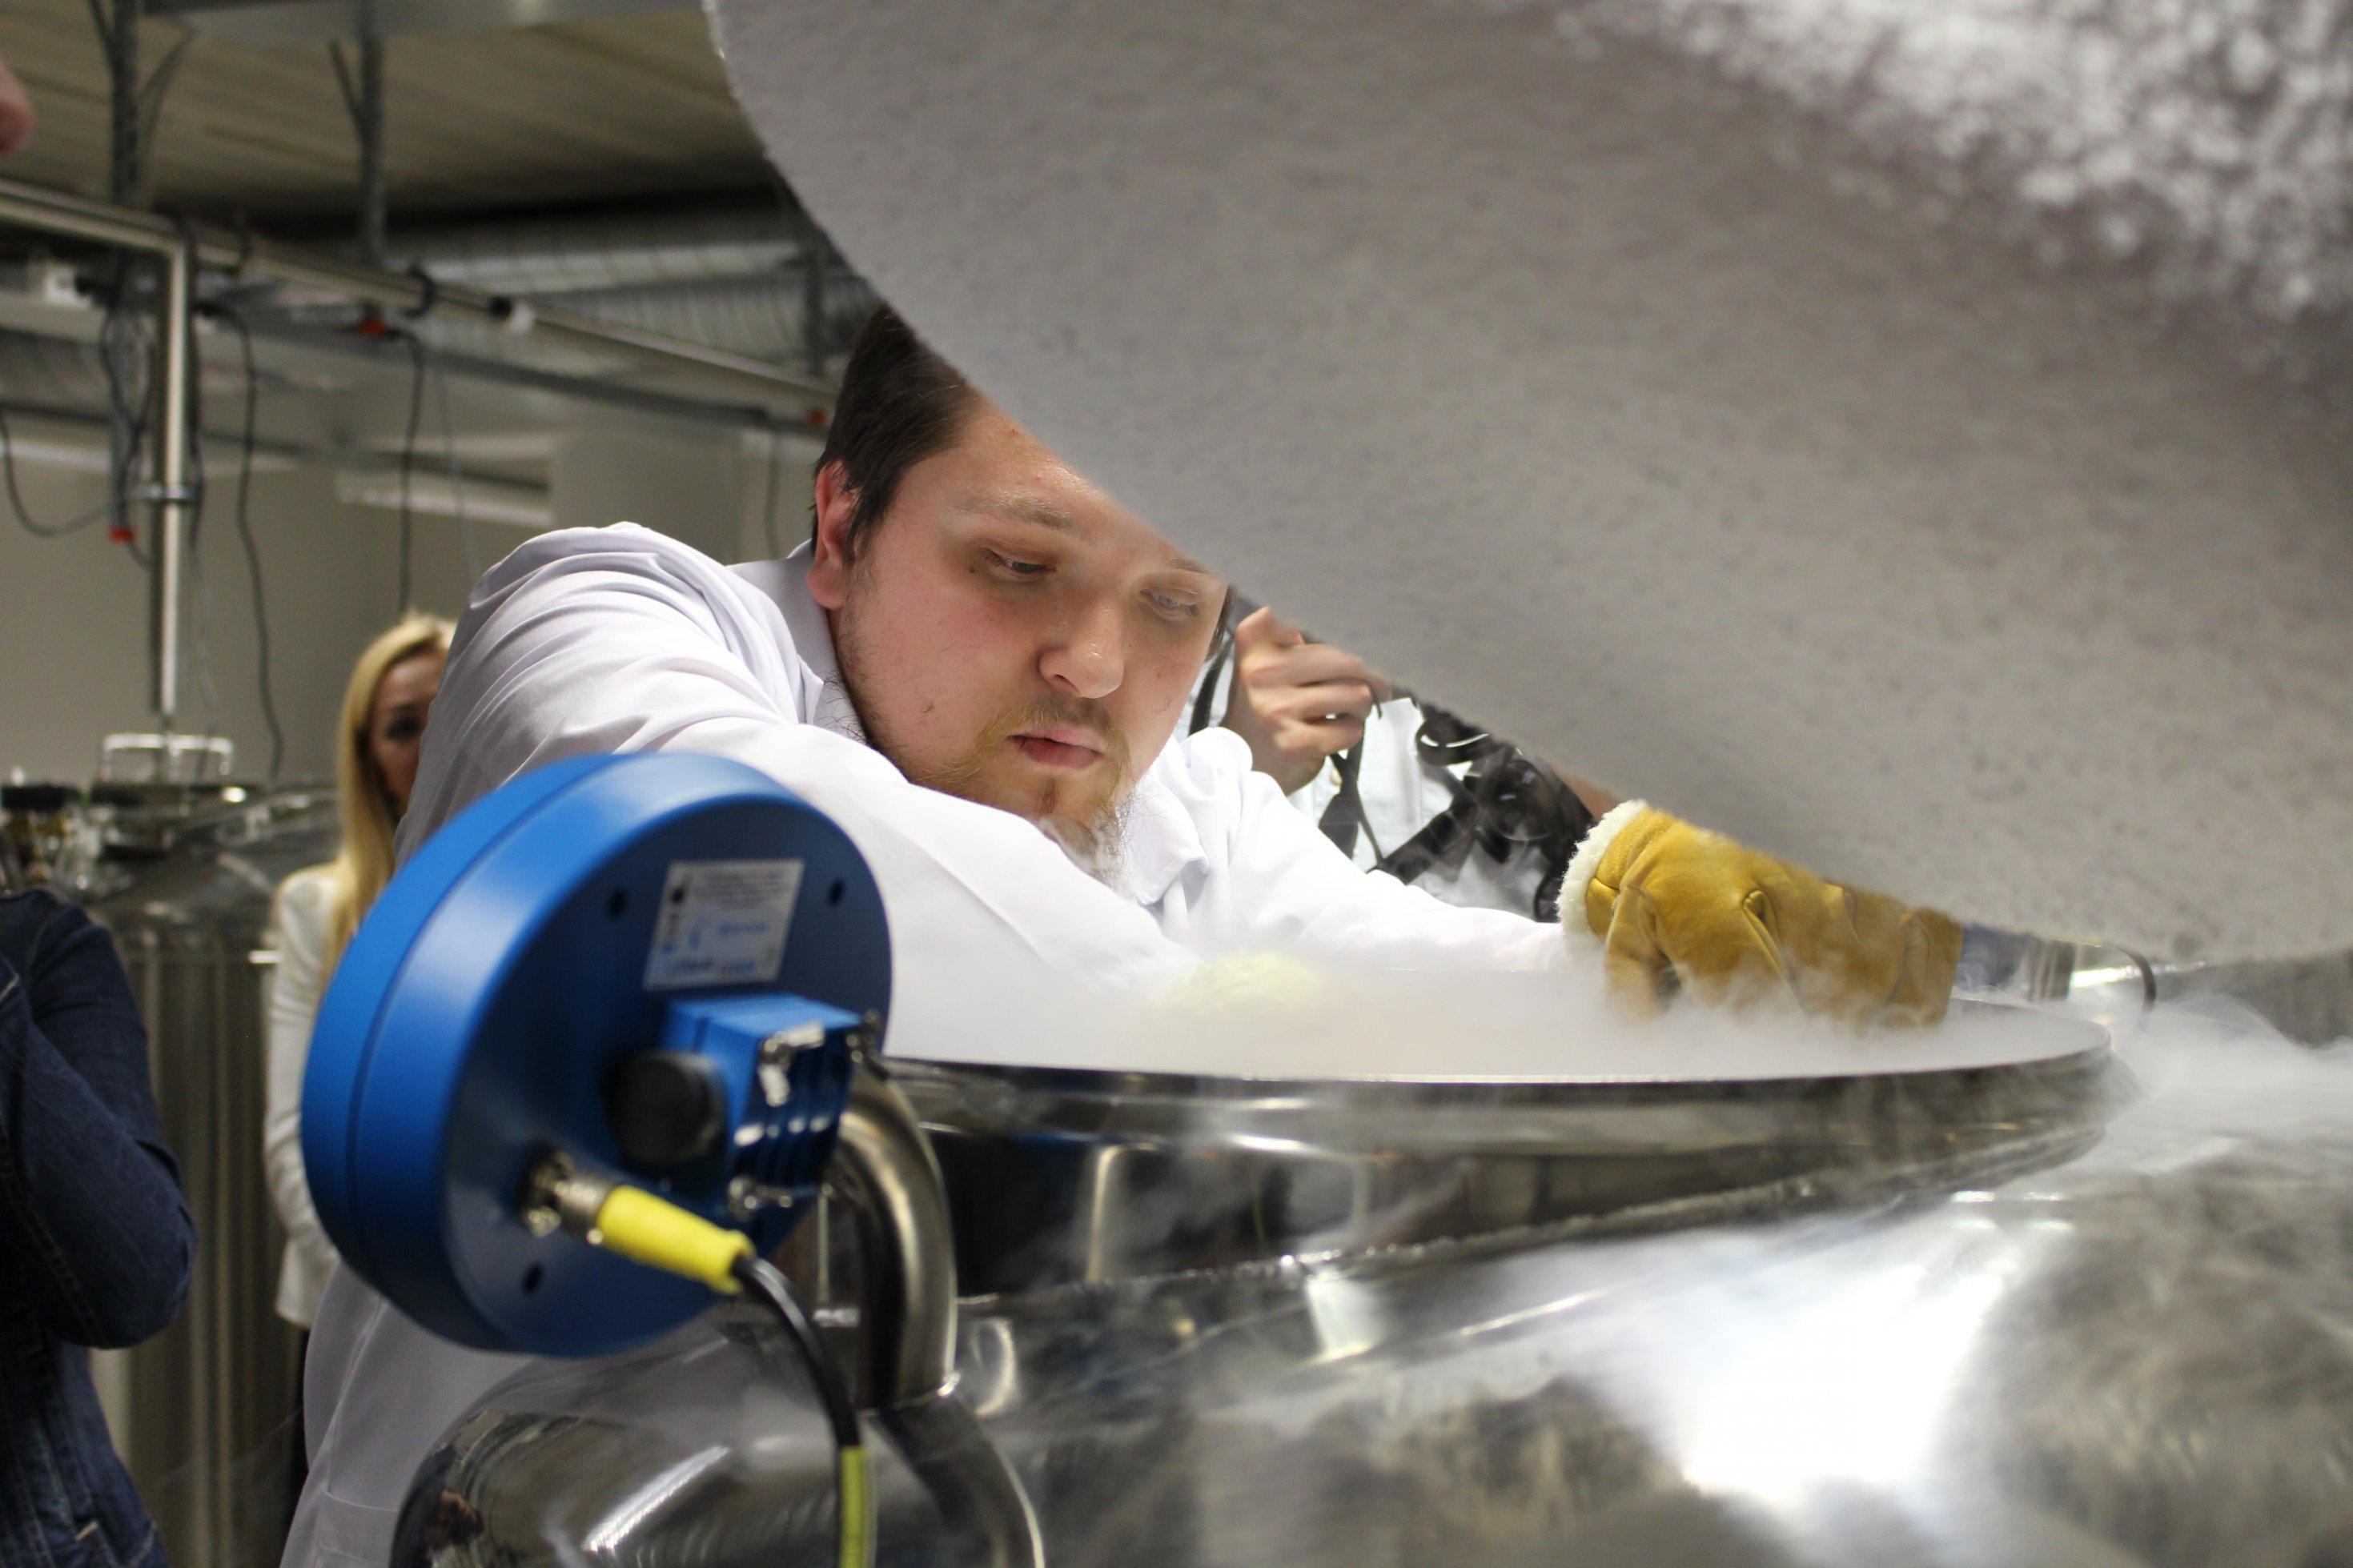 Große Behälter, gekühlt mit flüssigem Stickstoff, dienen als Lager für mehrere Tausend DNA-Proben, die die Bevölkerung Estlands freiwillig abgegeben hat.